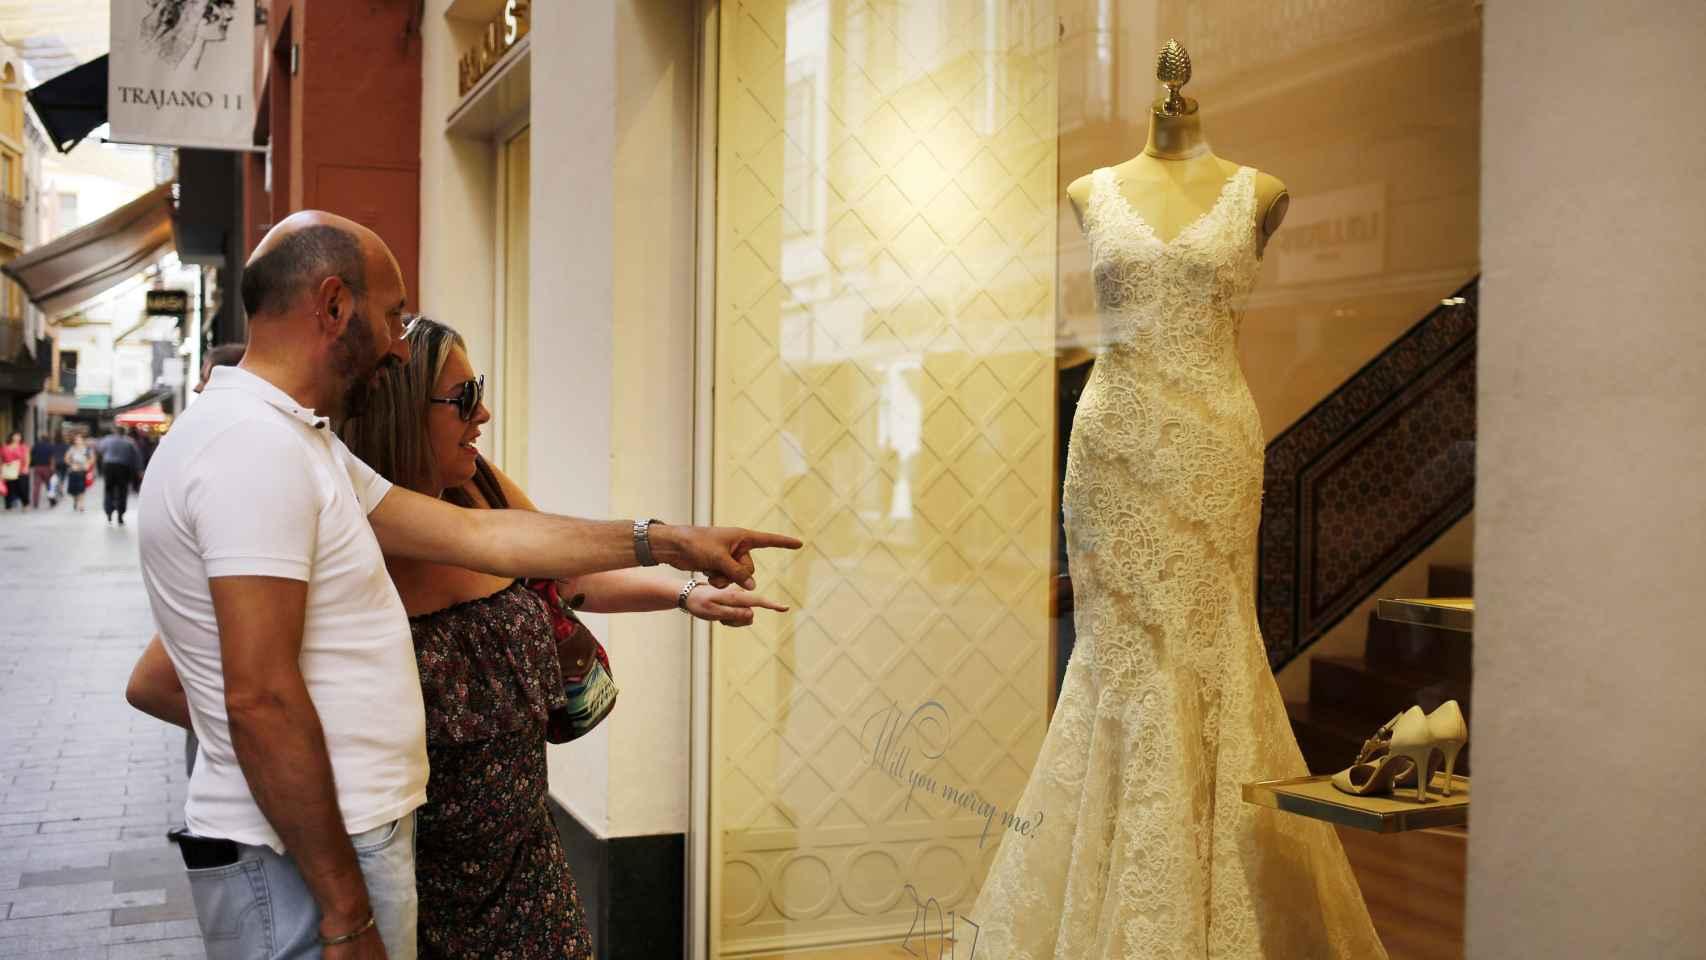 La pareja viendo un vestido de novia un escaparate